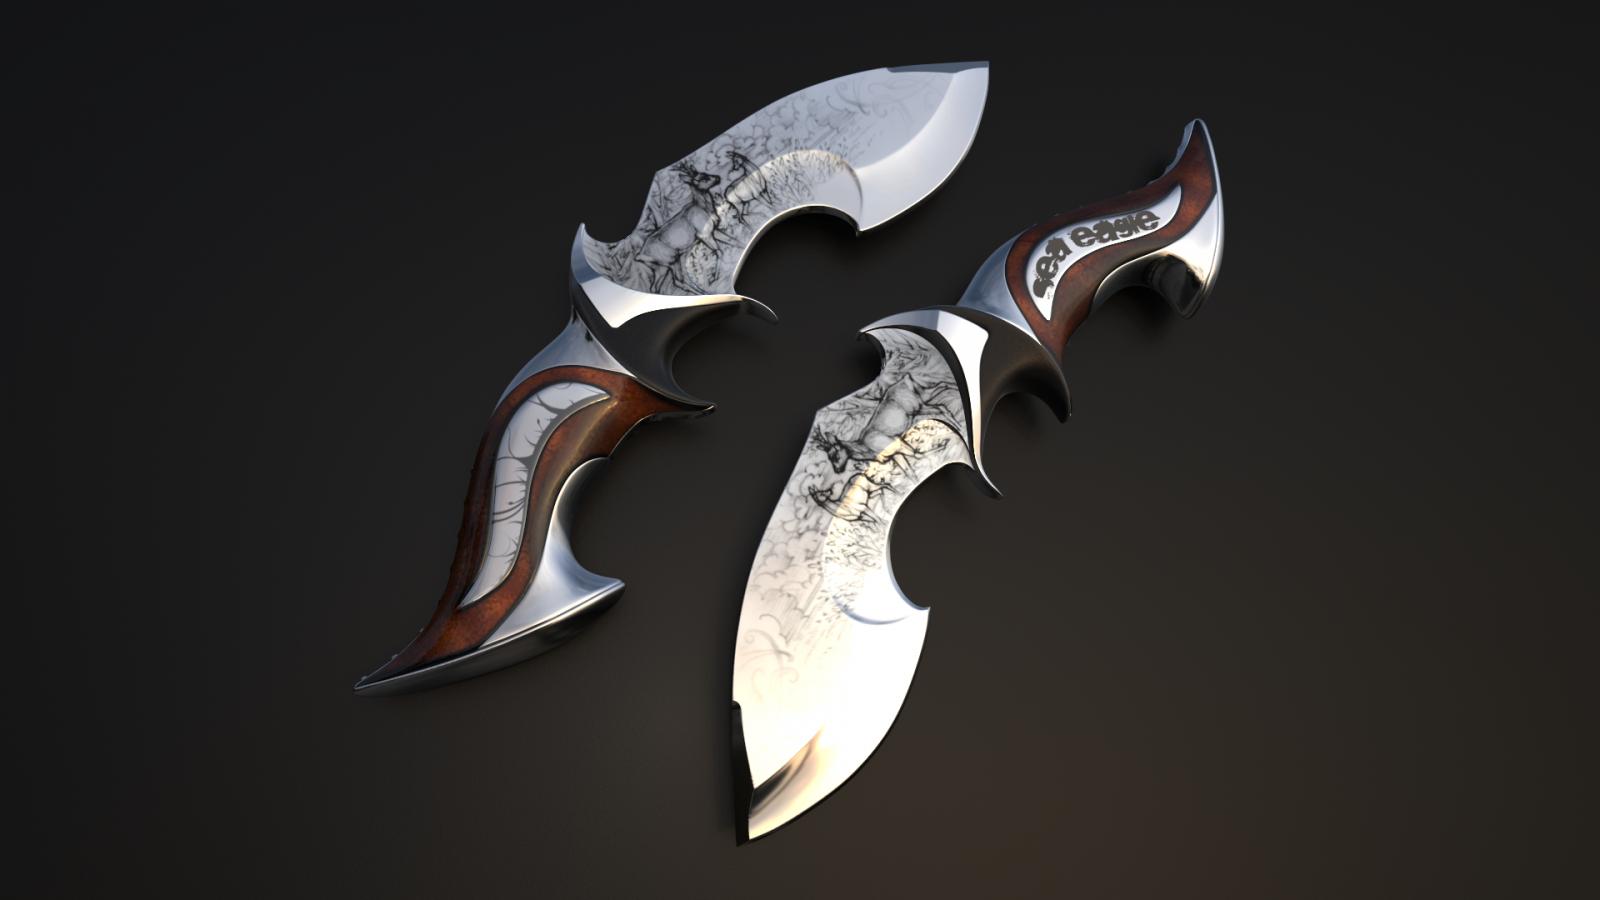 Knife - Sea Eagle